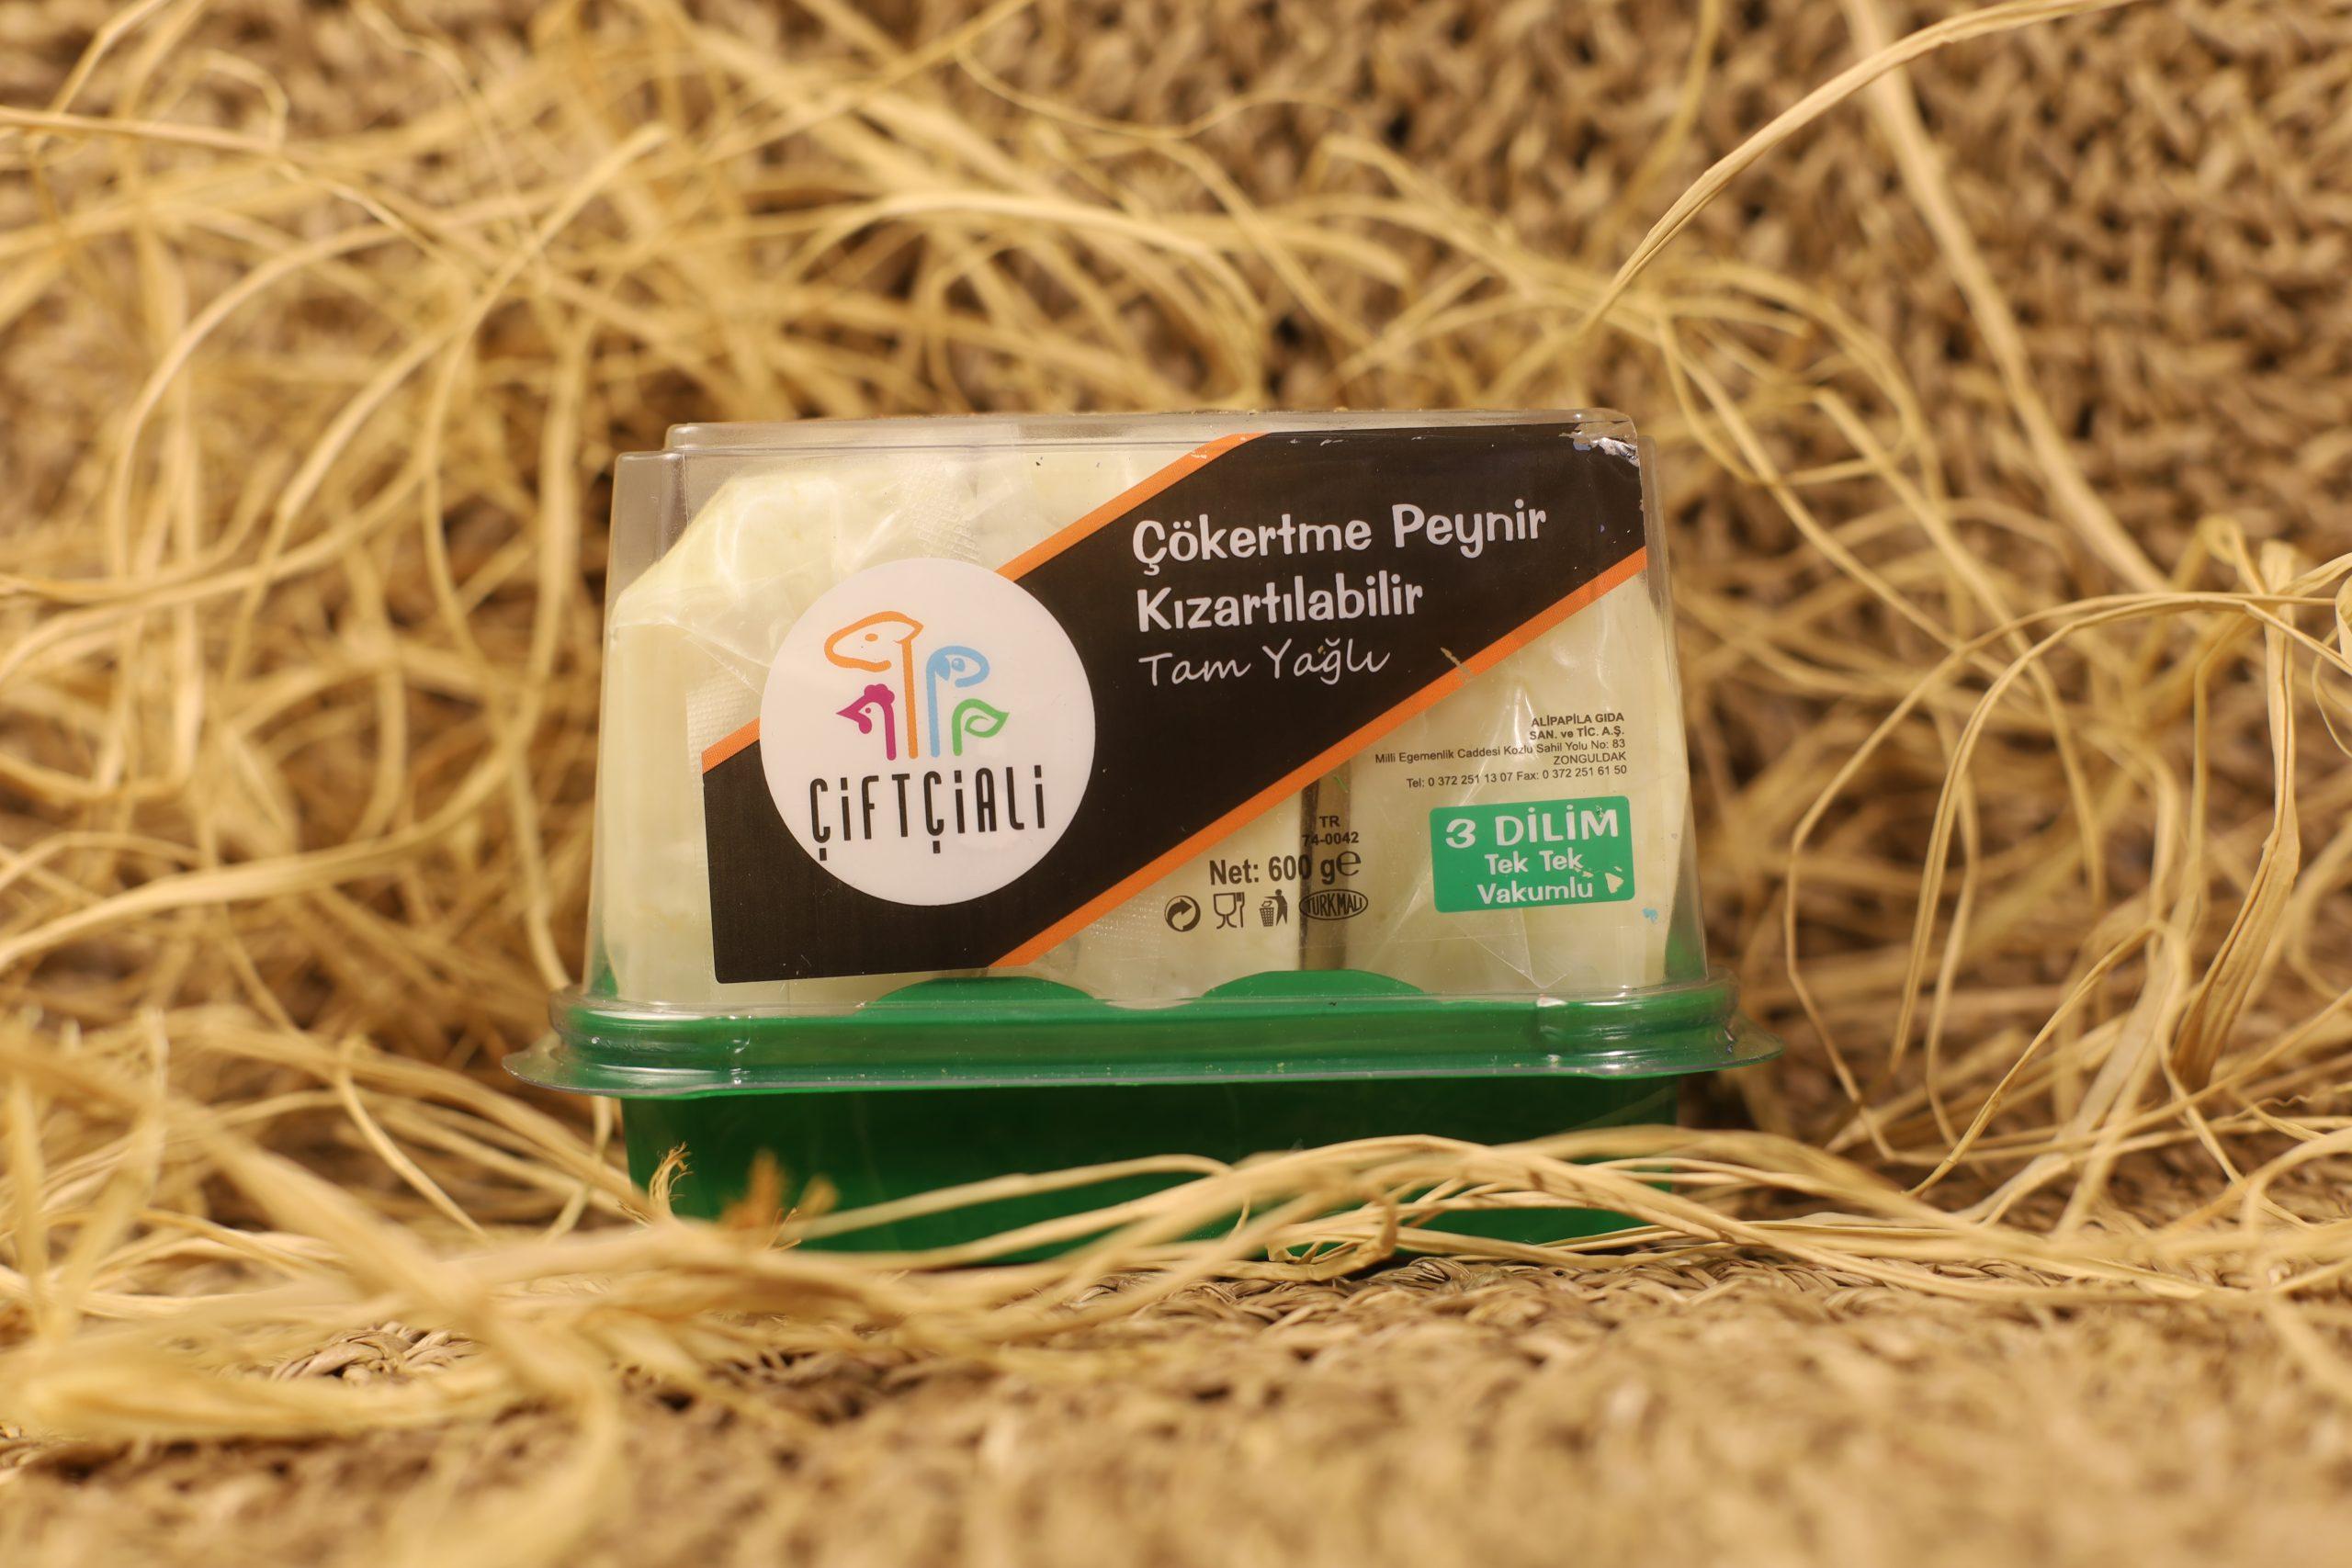 Çökertme Peyniri 3lü Dilim Vakum 600 gr